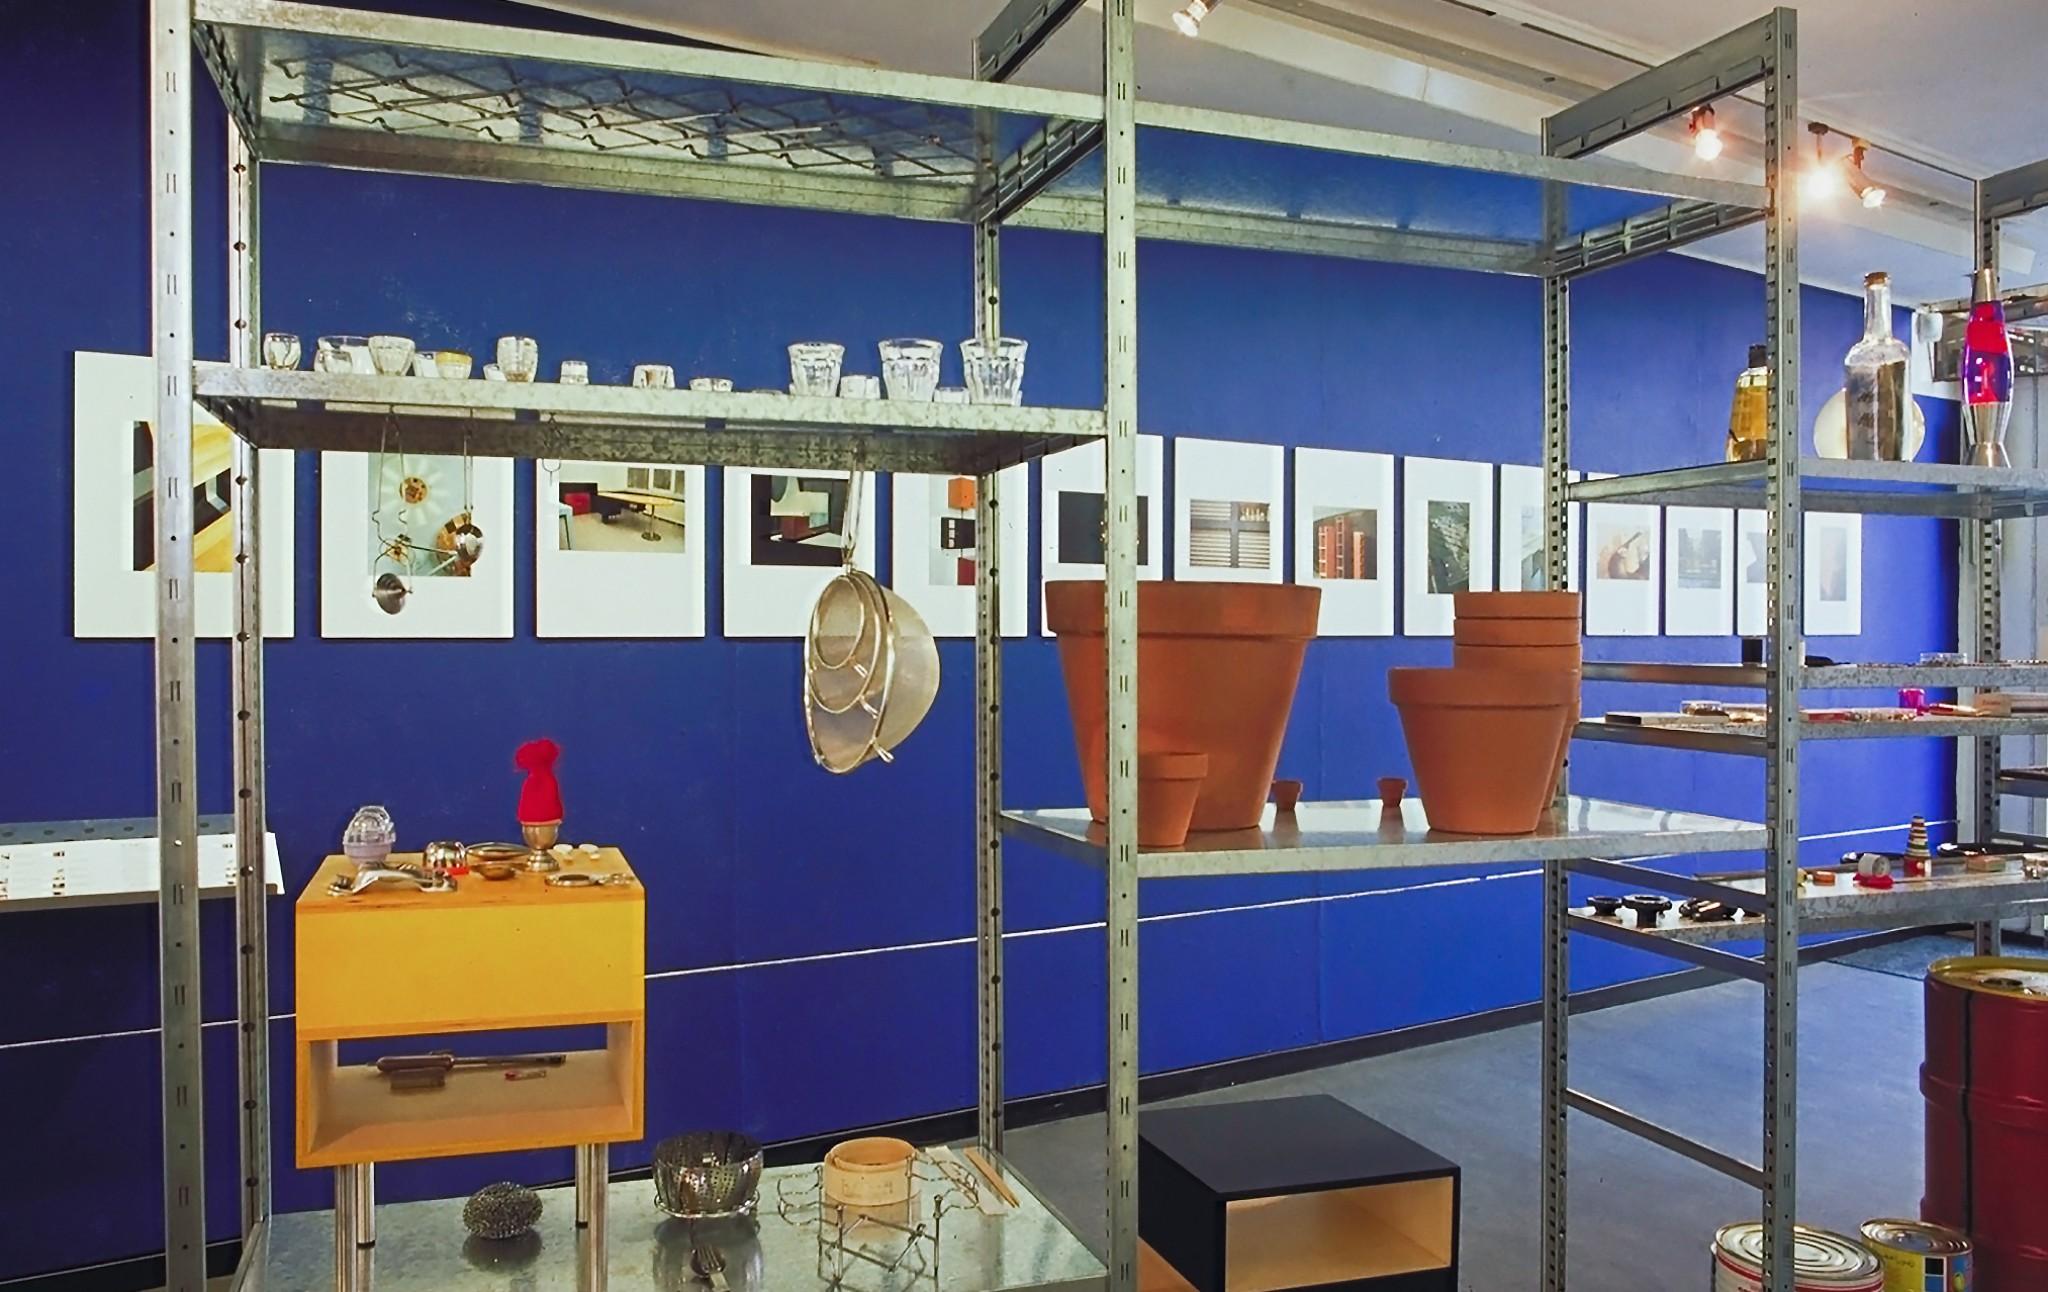 De Ontwerpwerkplaats, Gijs Niemeijer, Floor van Ditzhuyzen, De Dingen, Voorwerp van Gesprek, de dingen voorwerp van gesprek, de dingen, tenroonstelling Haagse kunstkring, tentoonstelling HKK, tentoonstelling ontwerp,